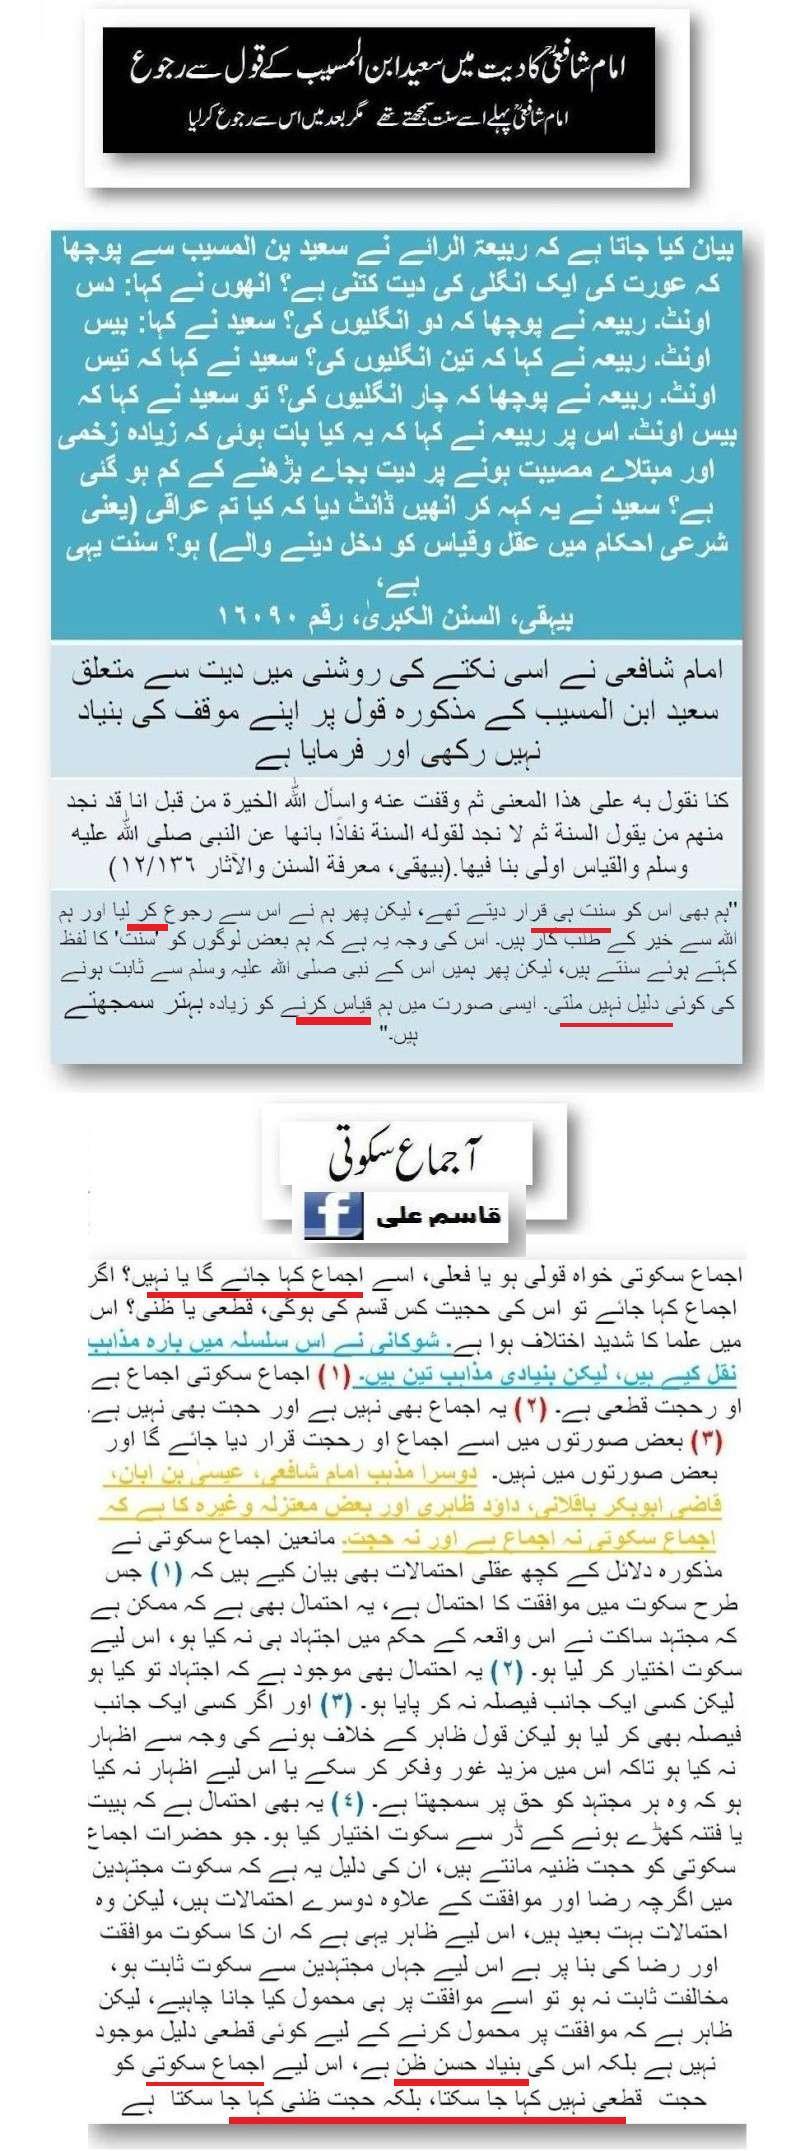 دیت کی جعلی فتوی فیکٹری پر منہاج القرآن کی فتح کا جھنڈا - Page 2 Qasim_27